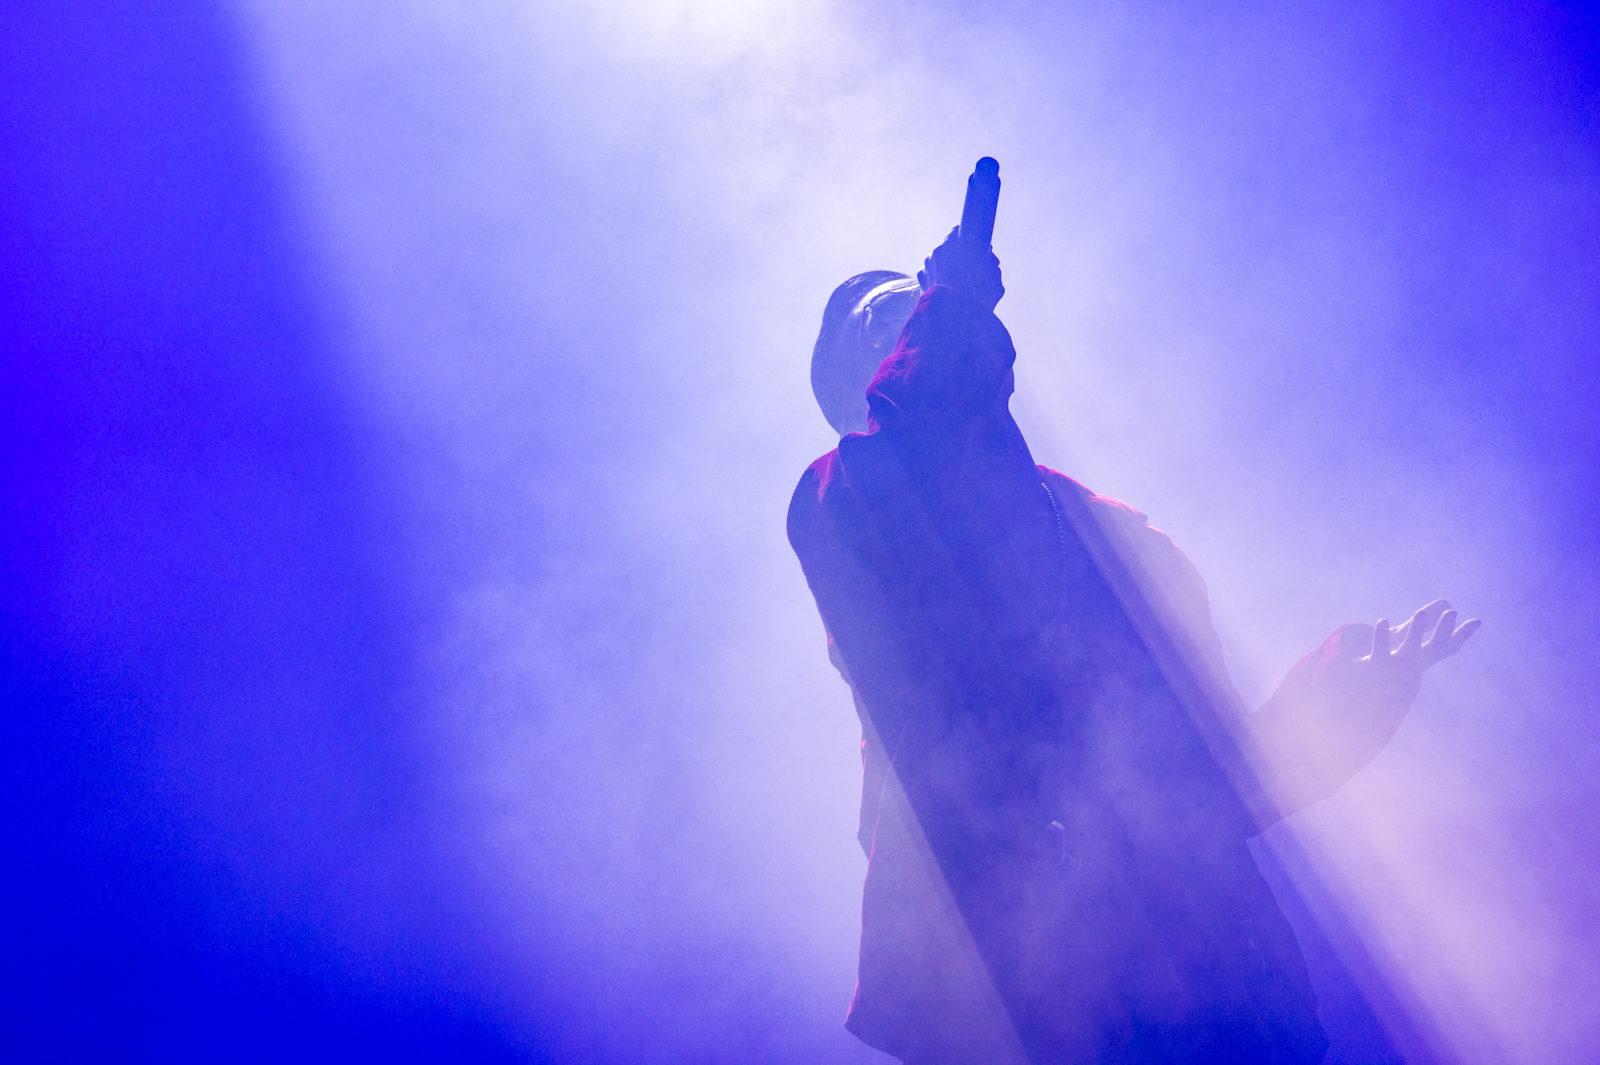 AK-69、武道館公演でヒップホップ魂を見せつける!Che'Nelleのサプライズ登場で初共演パフォーマンスが実現した「I Still Shine feat. Che'Nelle / Stronger」もリリースサムネイル画像